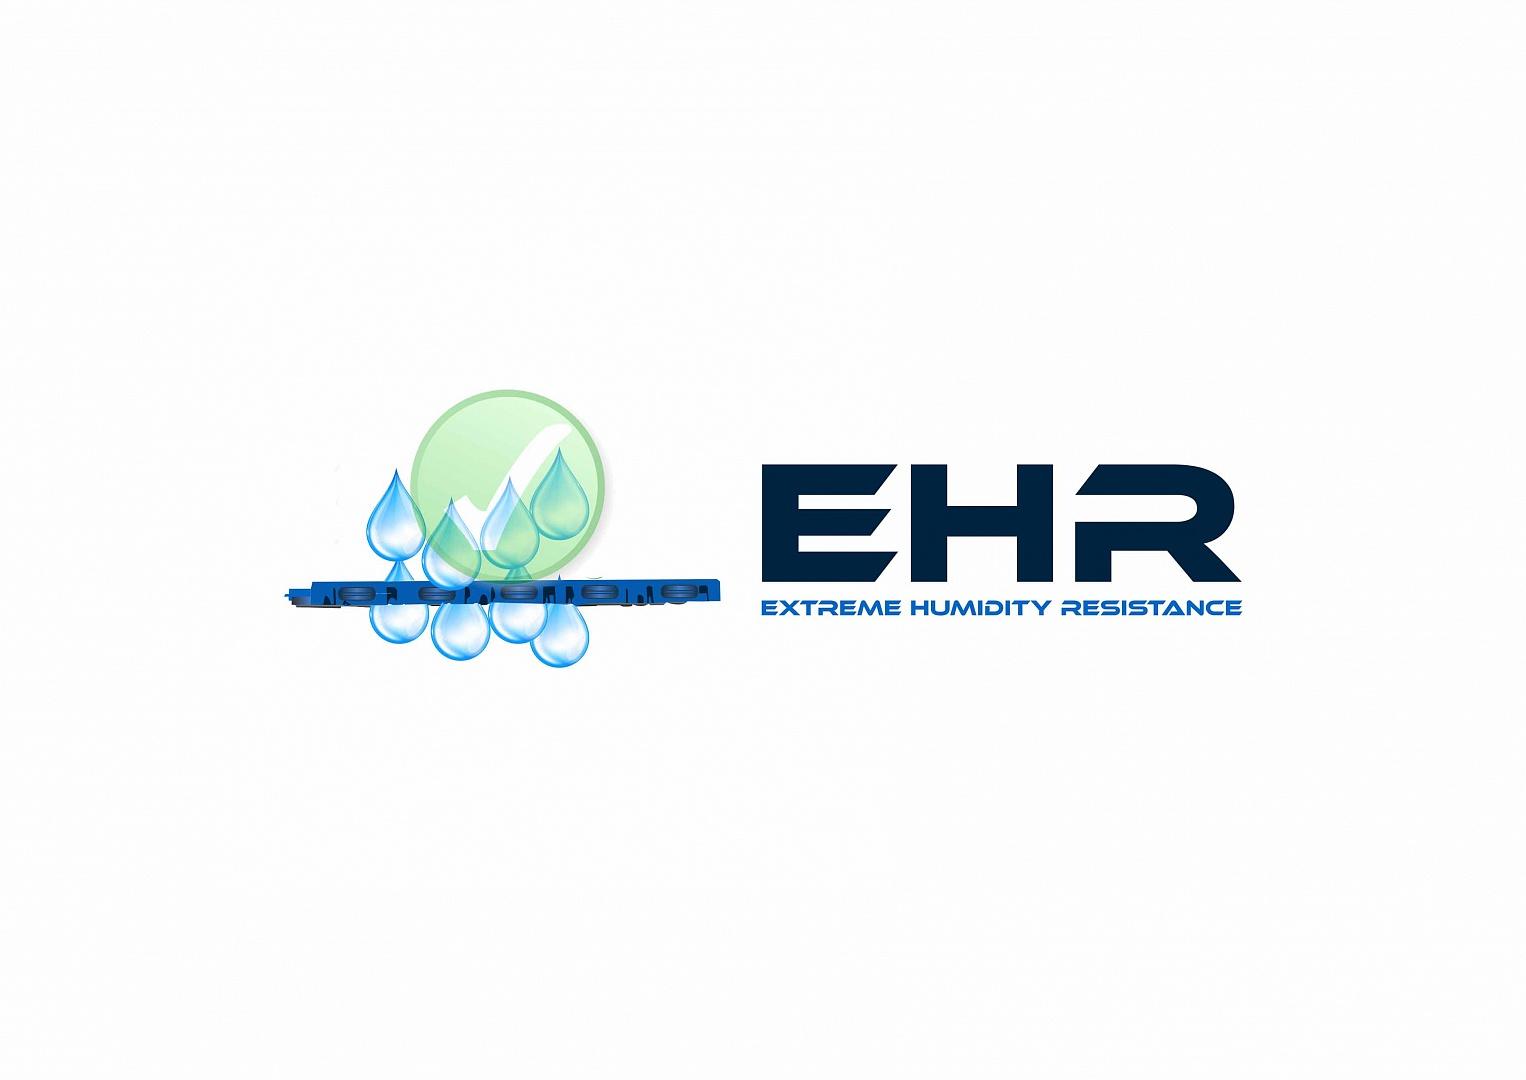 EHR.jpg